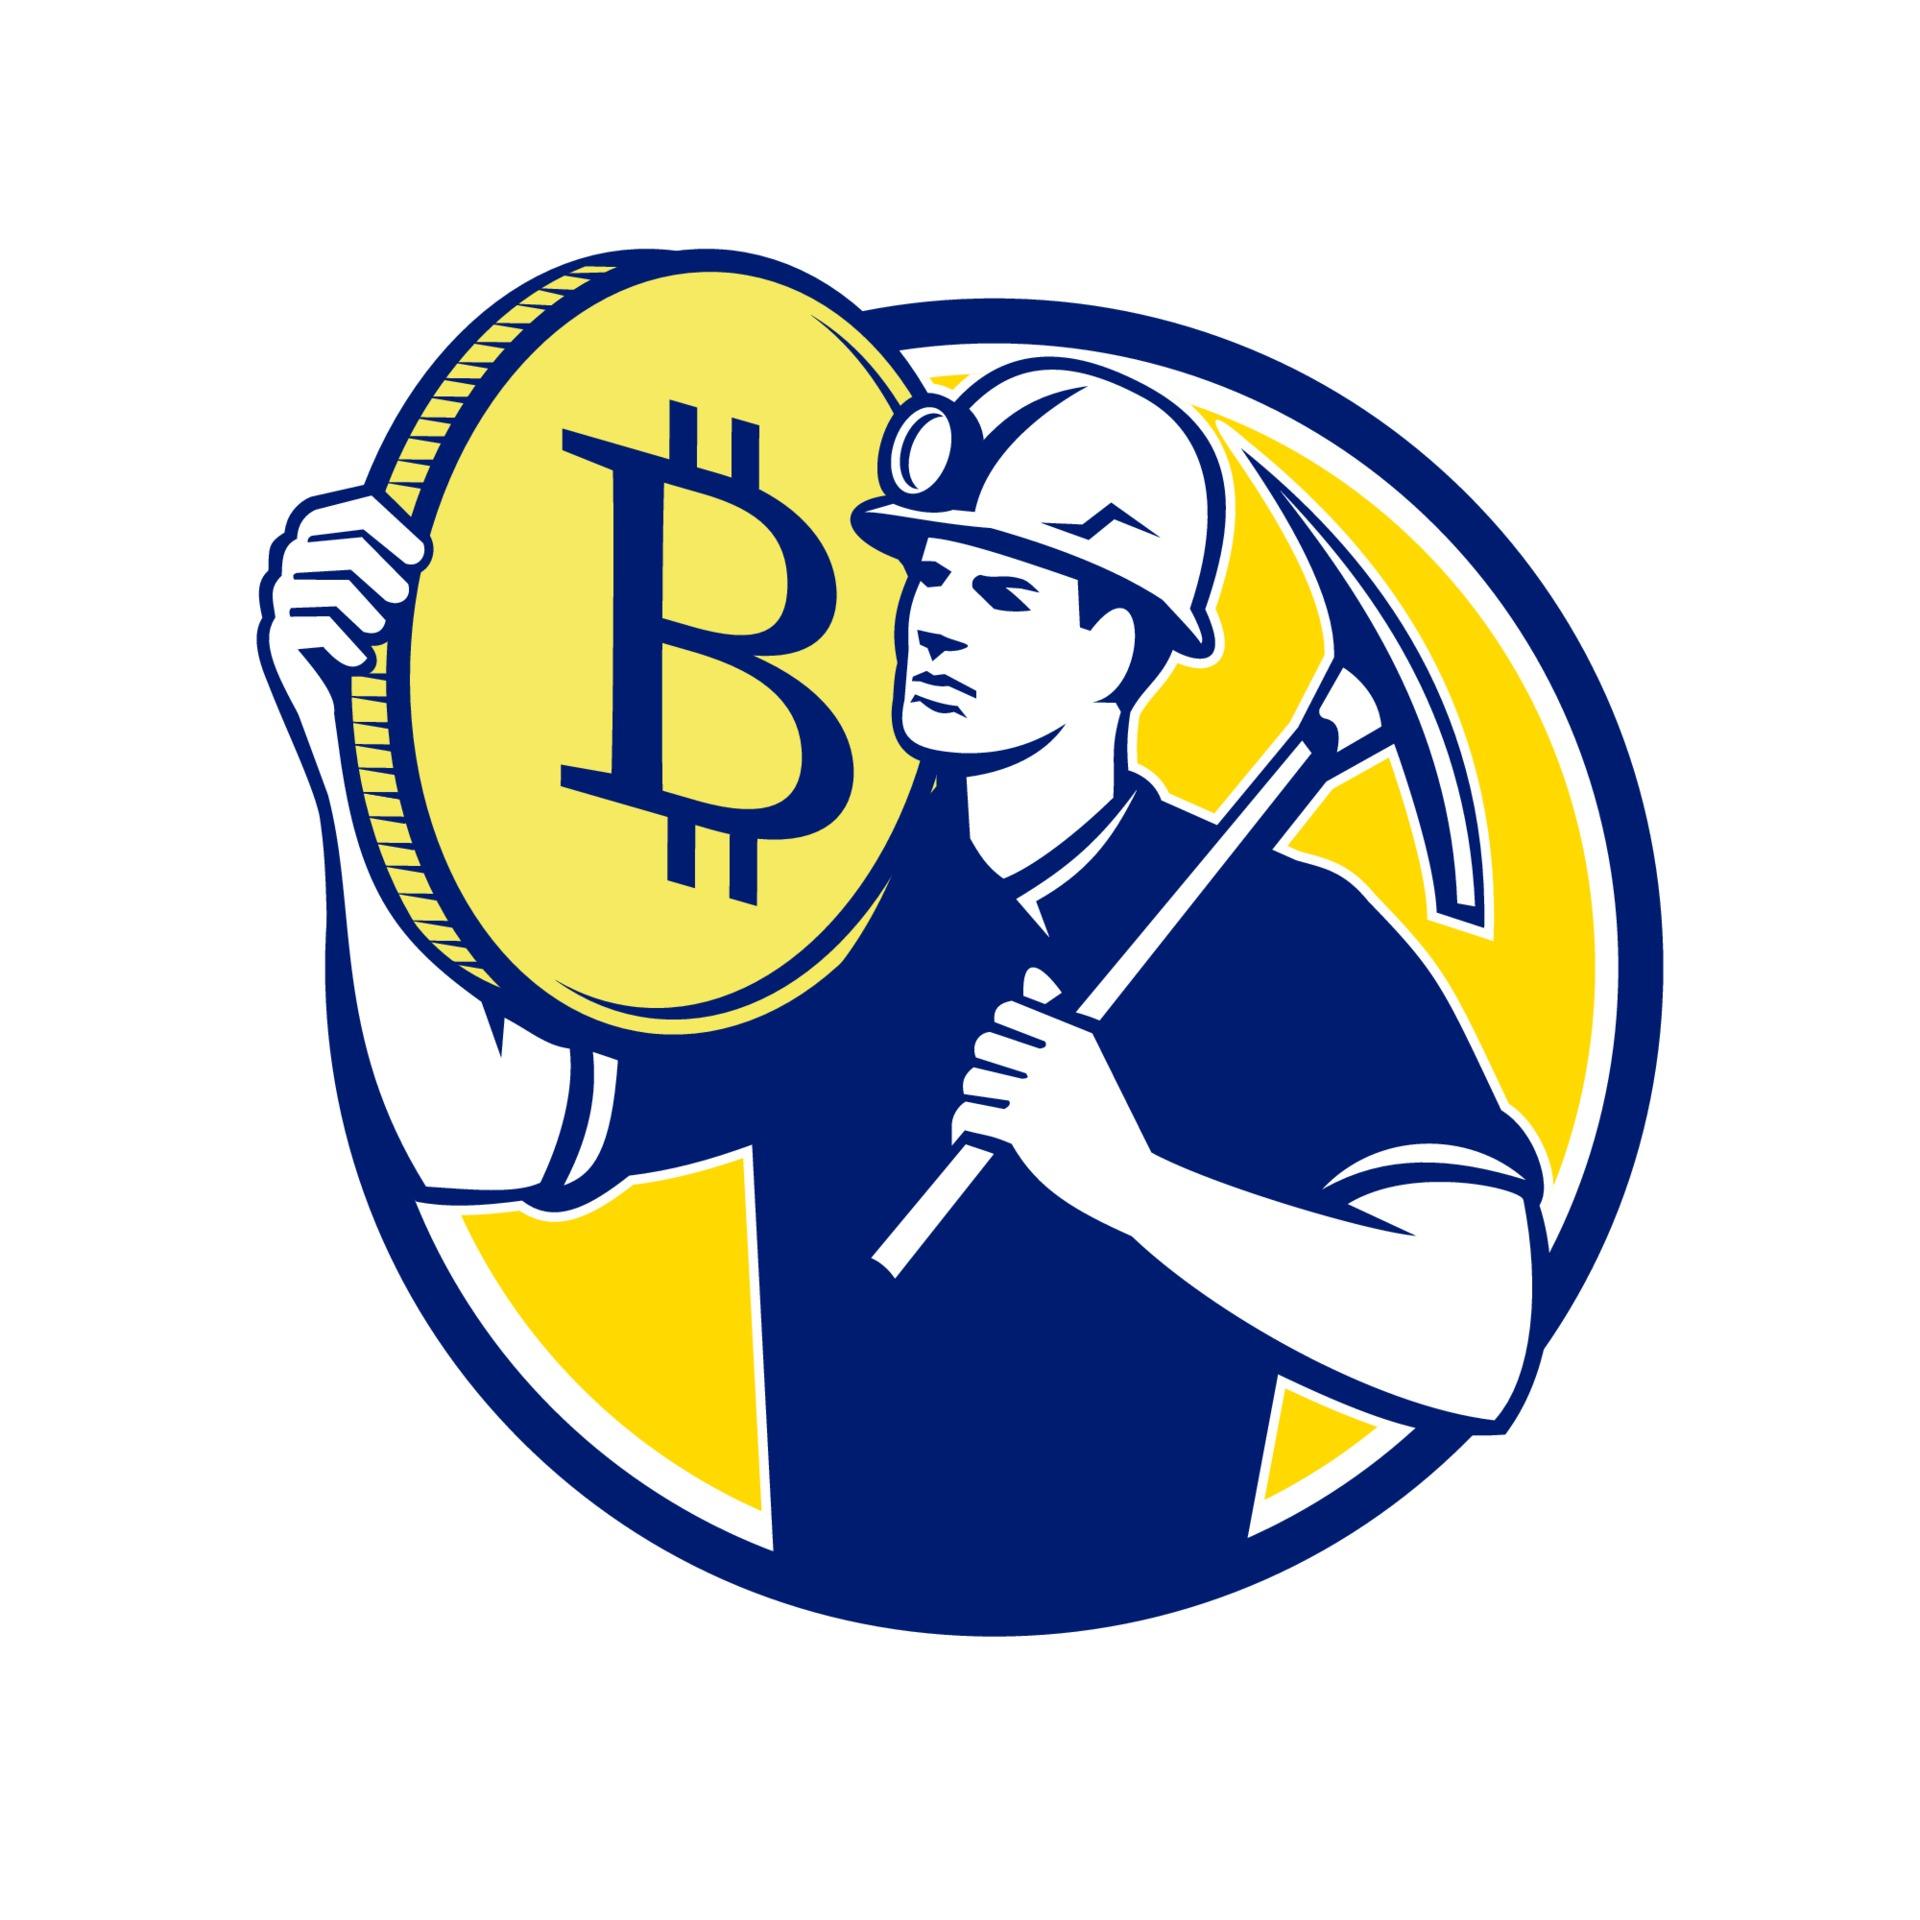 cerchio e bitcoin 0 05 btc a aud